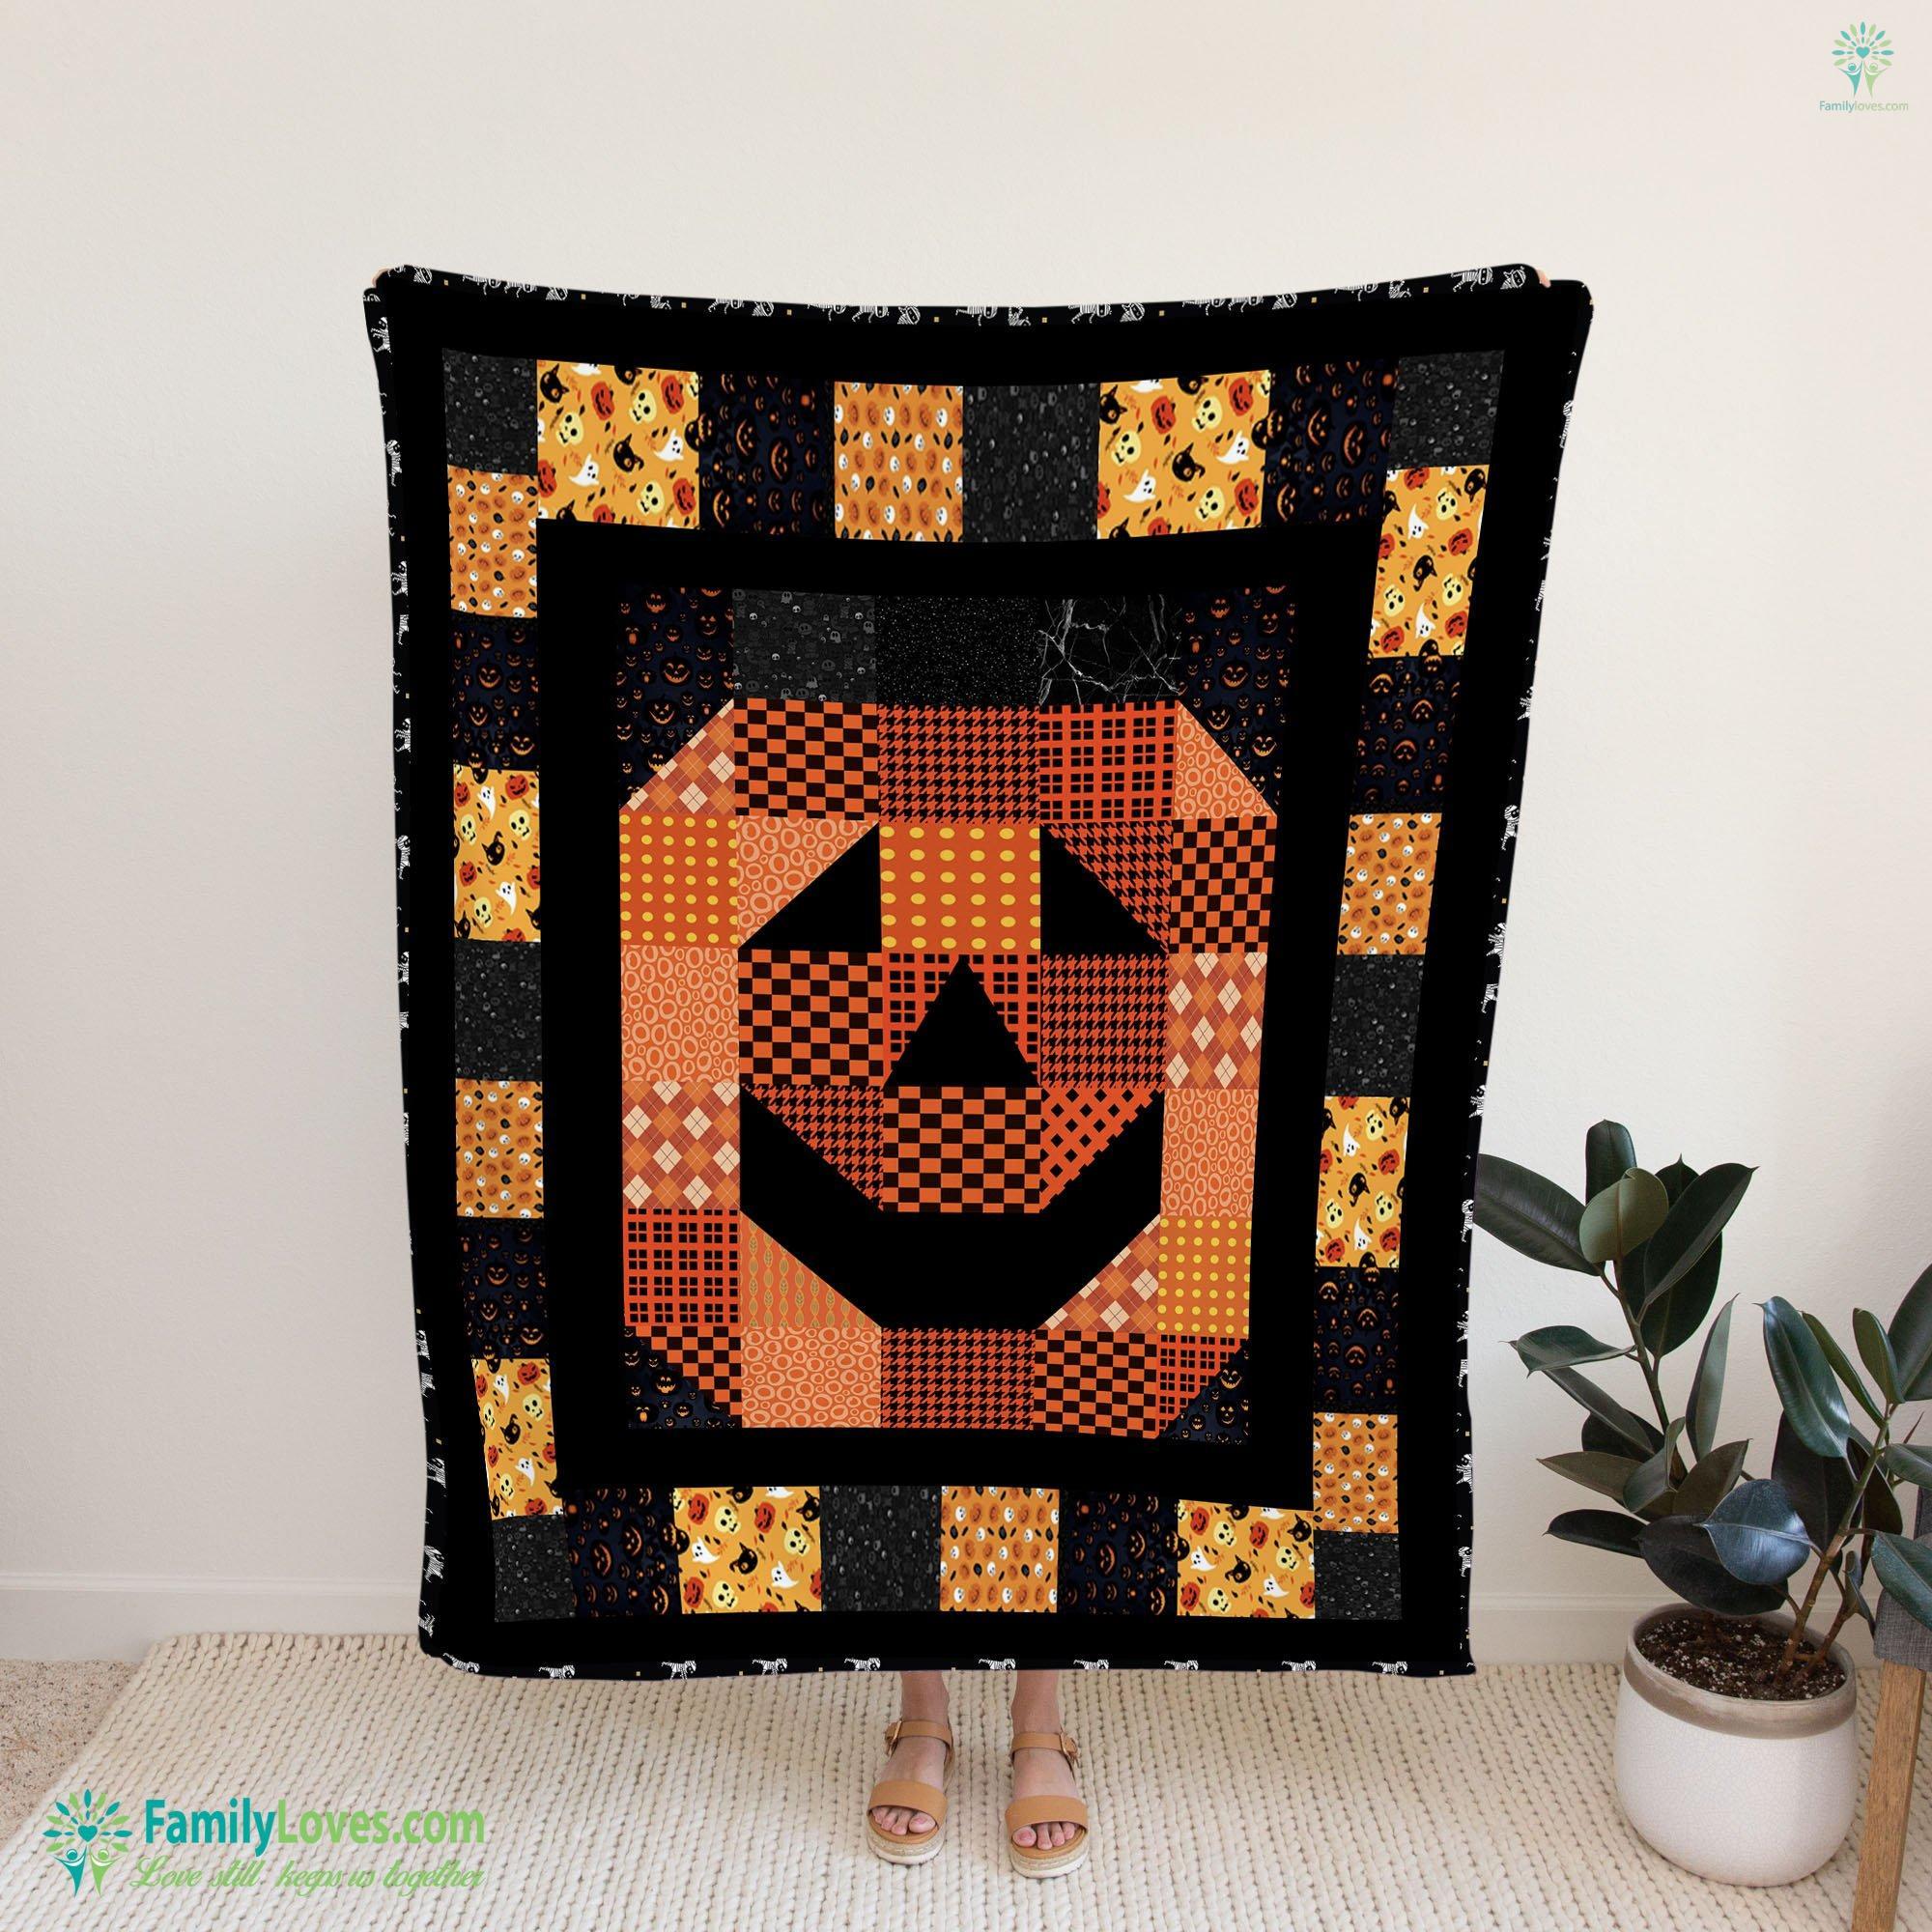 Eagle Star Blanket 19 Familyloves.com